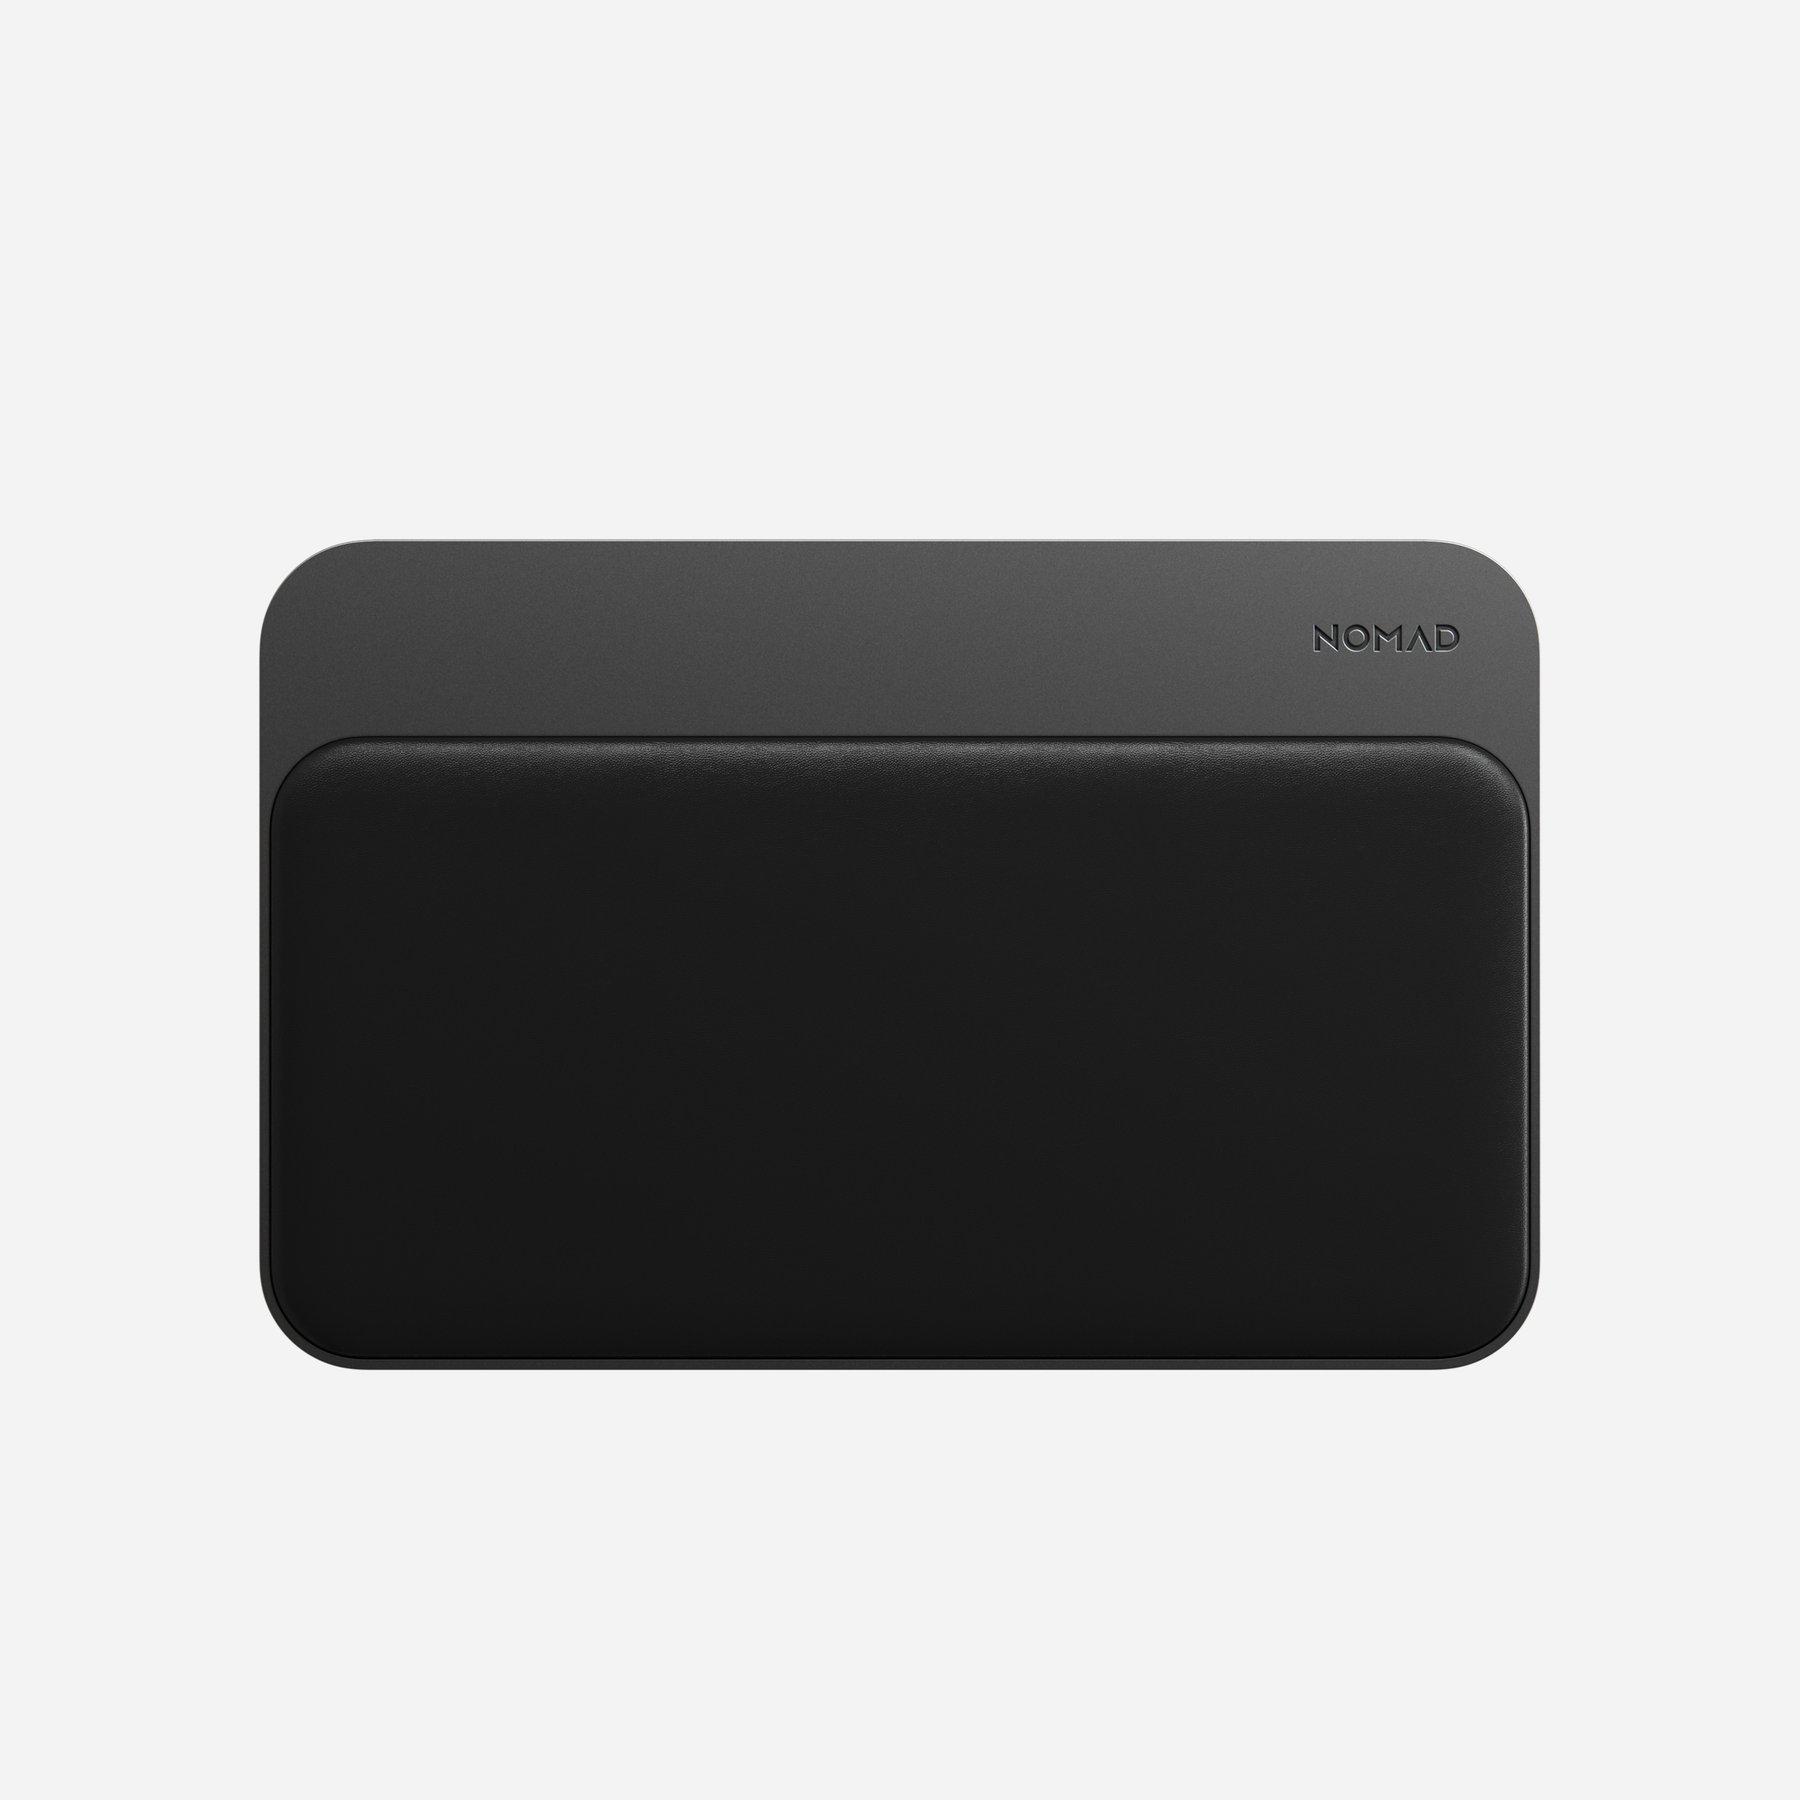 Nomad Station de charge sans fil à induction Edition